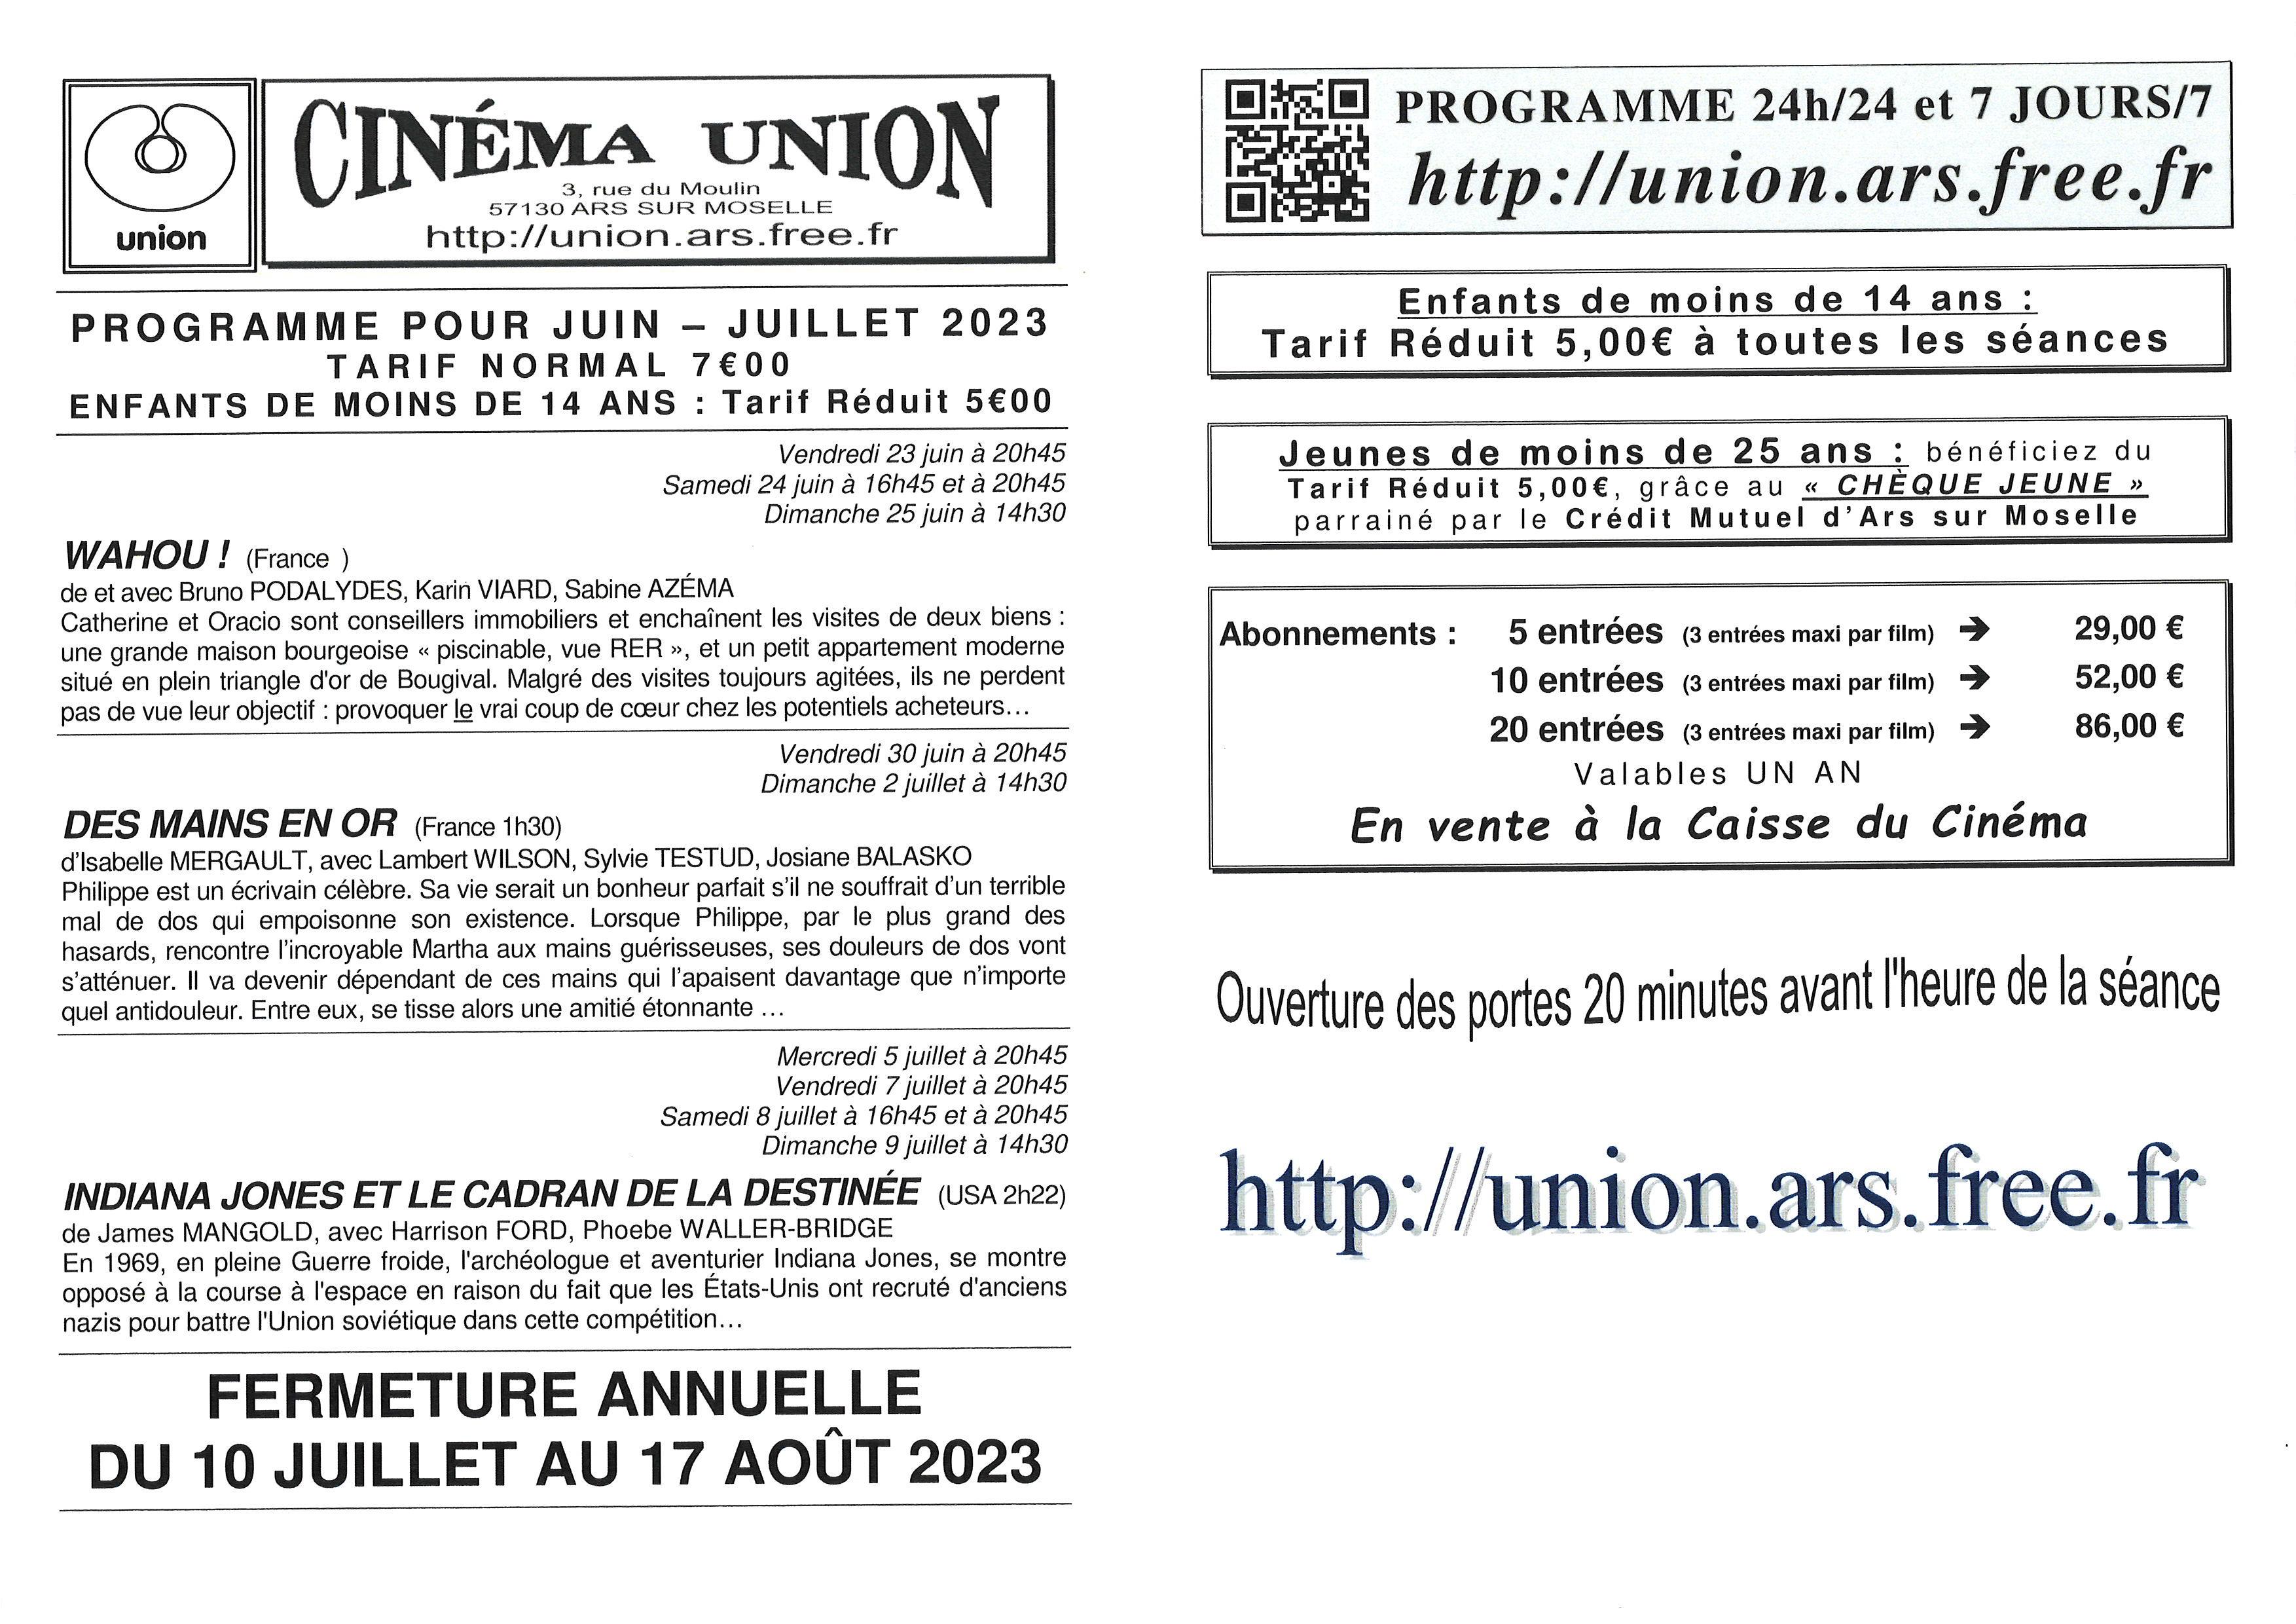 CINEMA UNION juin juillet 2021